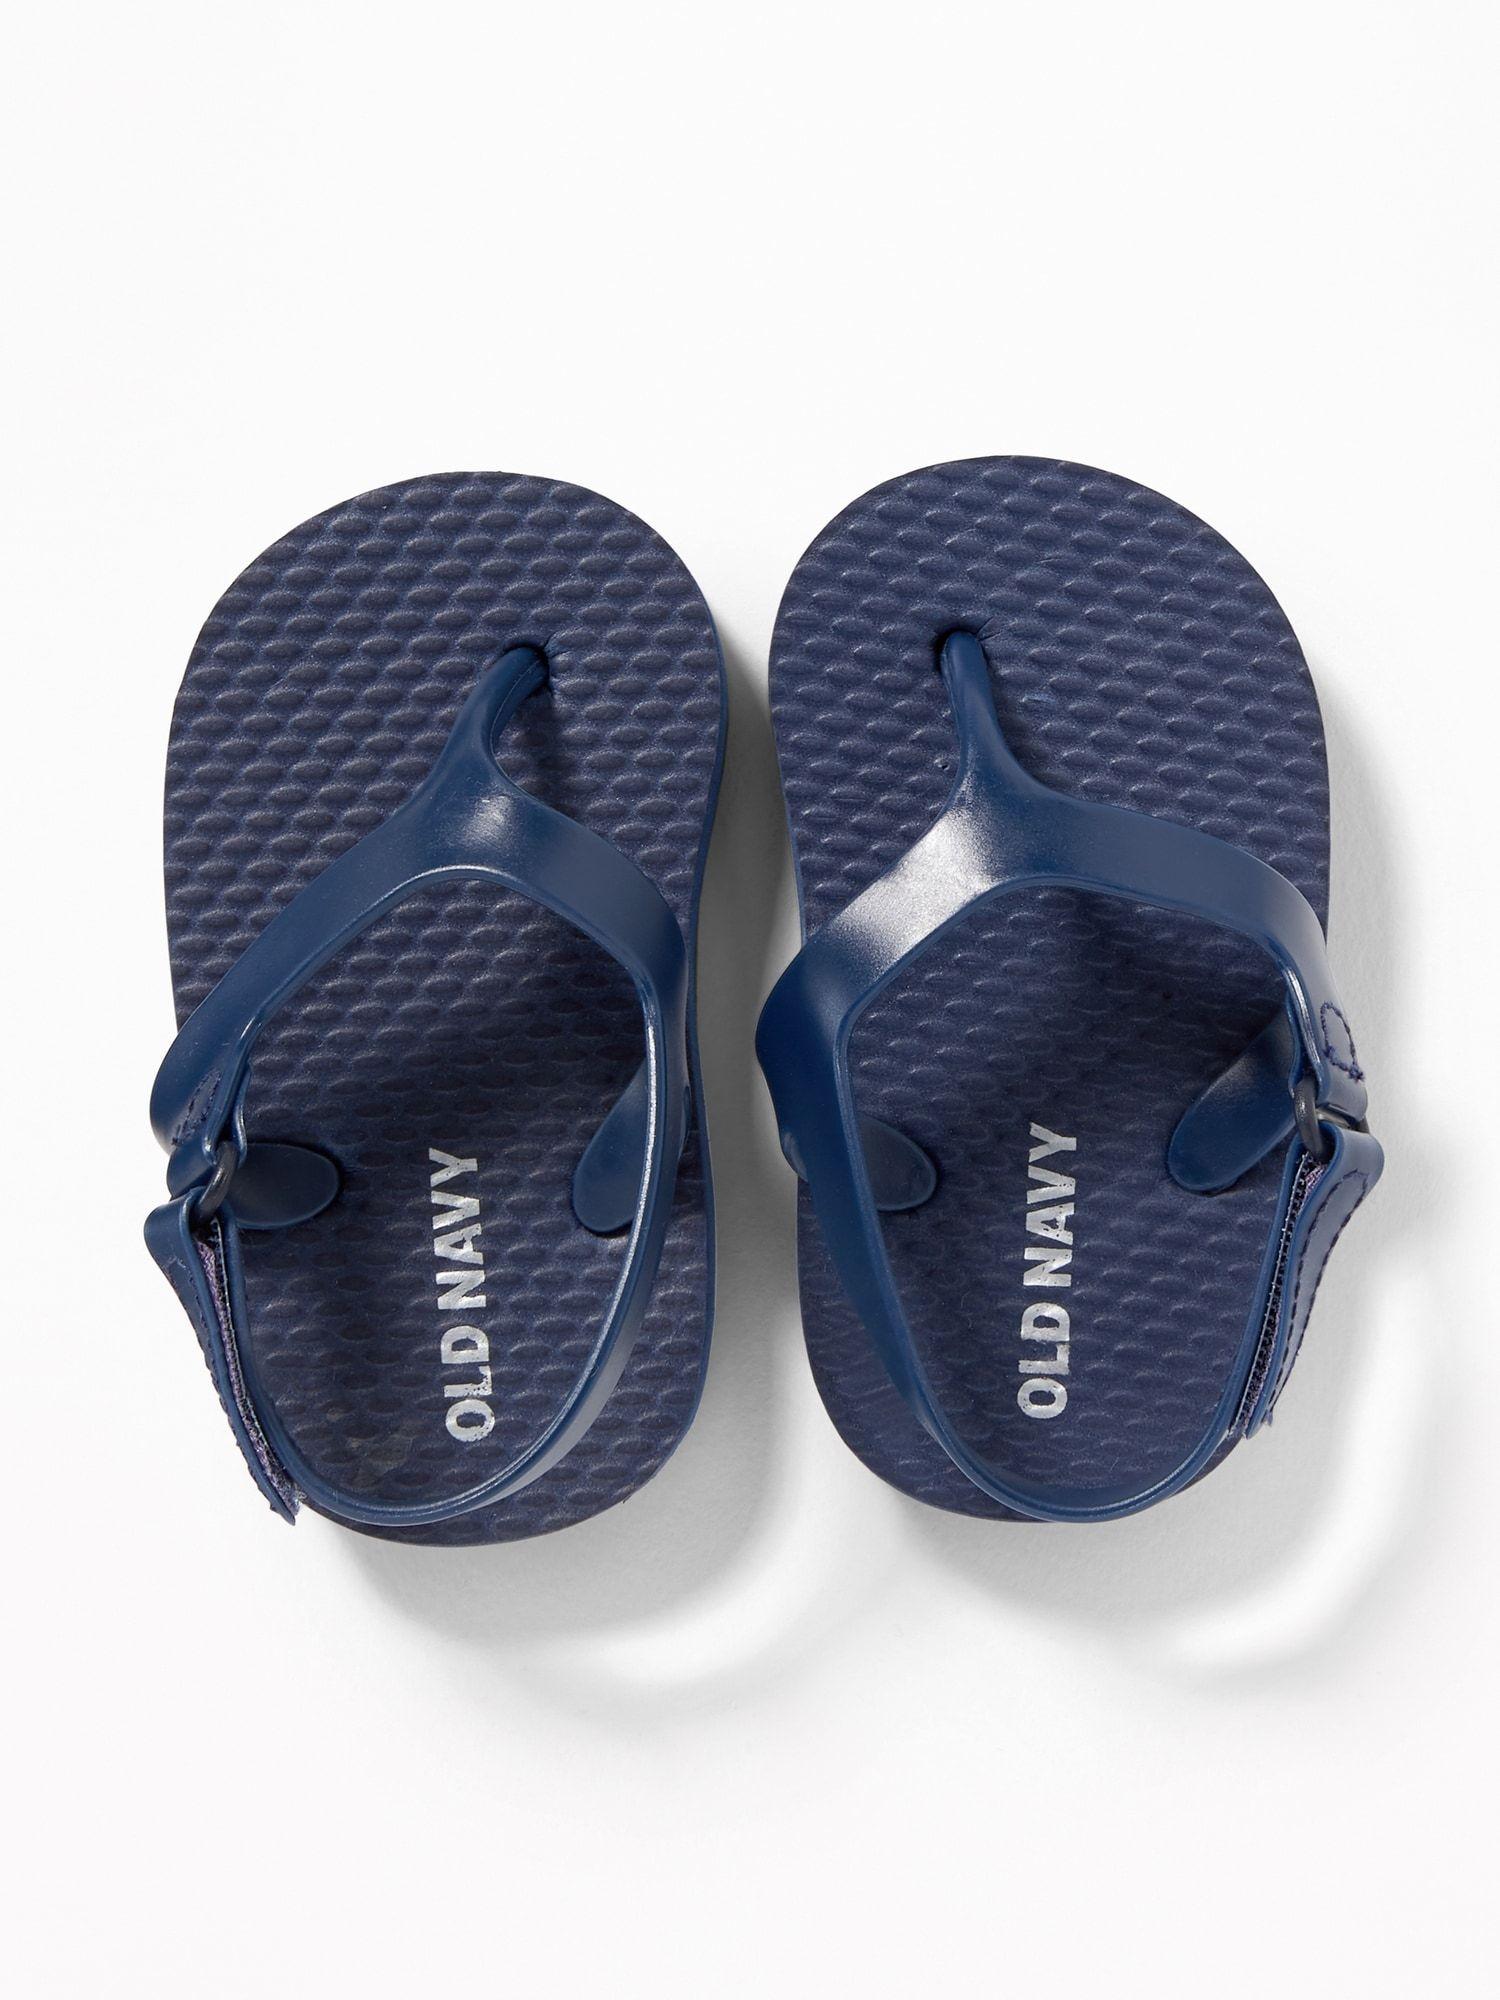 Baby boy shoes, Flip flop shoes, Boys shoes